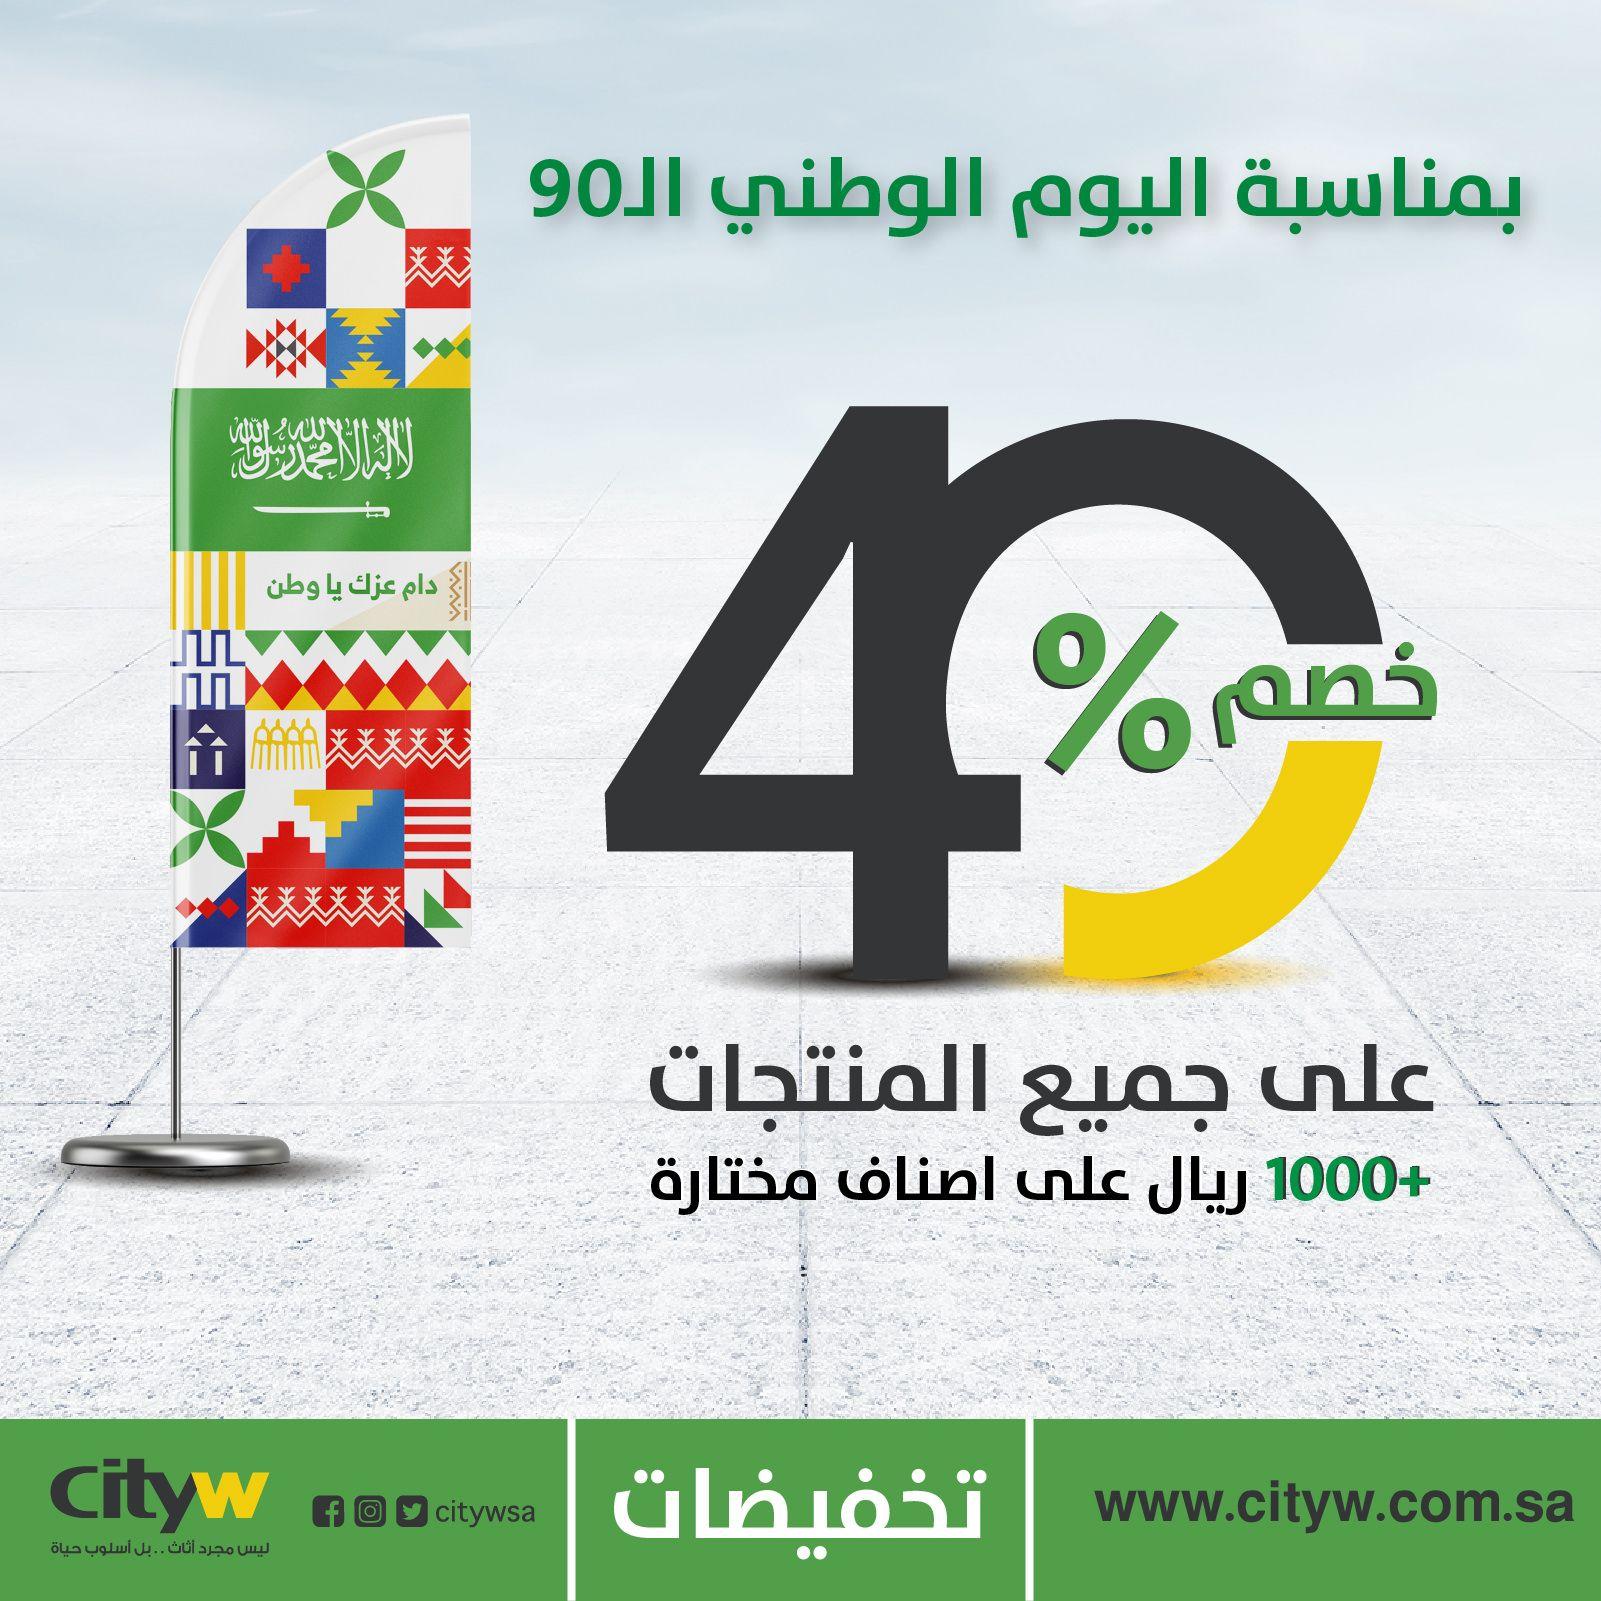 عروض اليوم الوطني 2020 عروض سيتي دبليو للاثاث و خصم 40 على جميع المنتجات عروض اليوم National Day Saudi National National Day